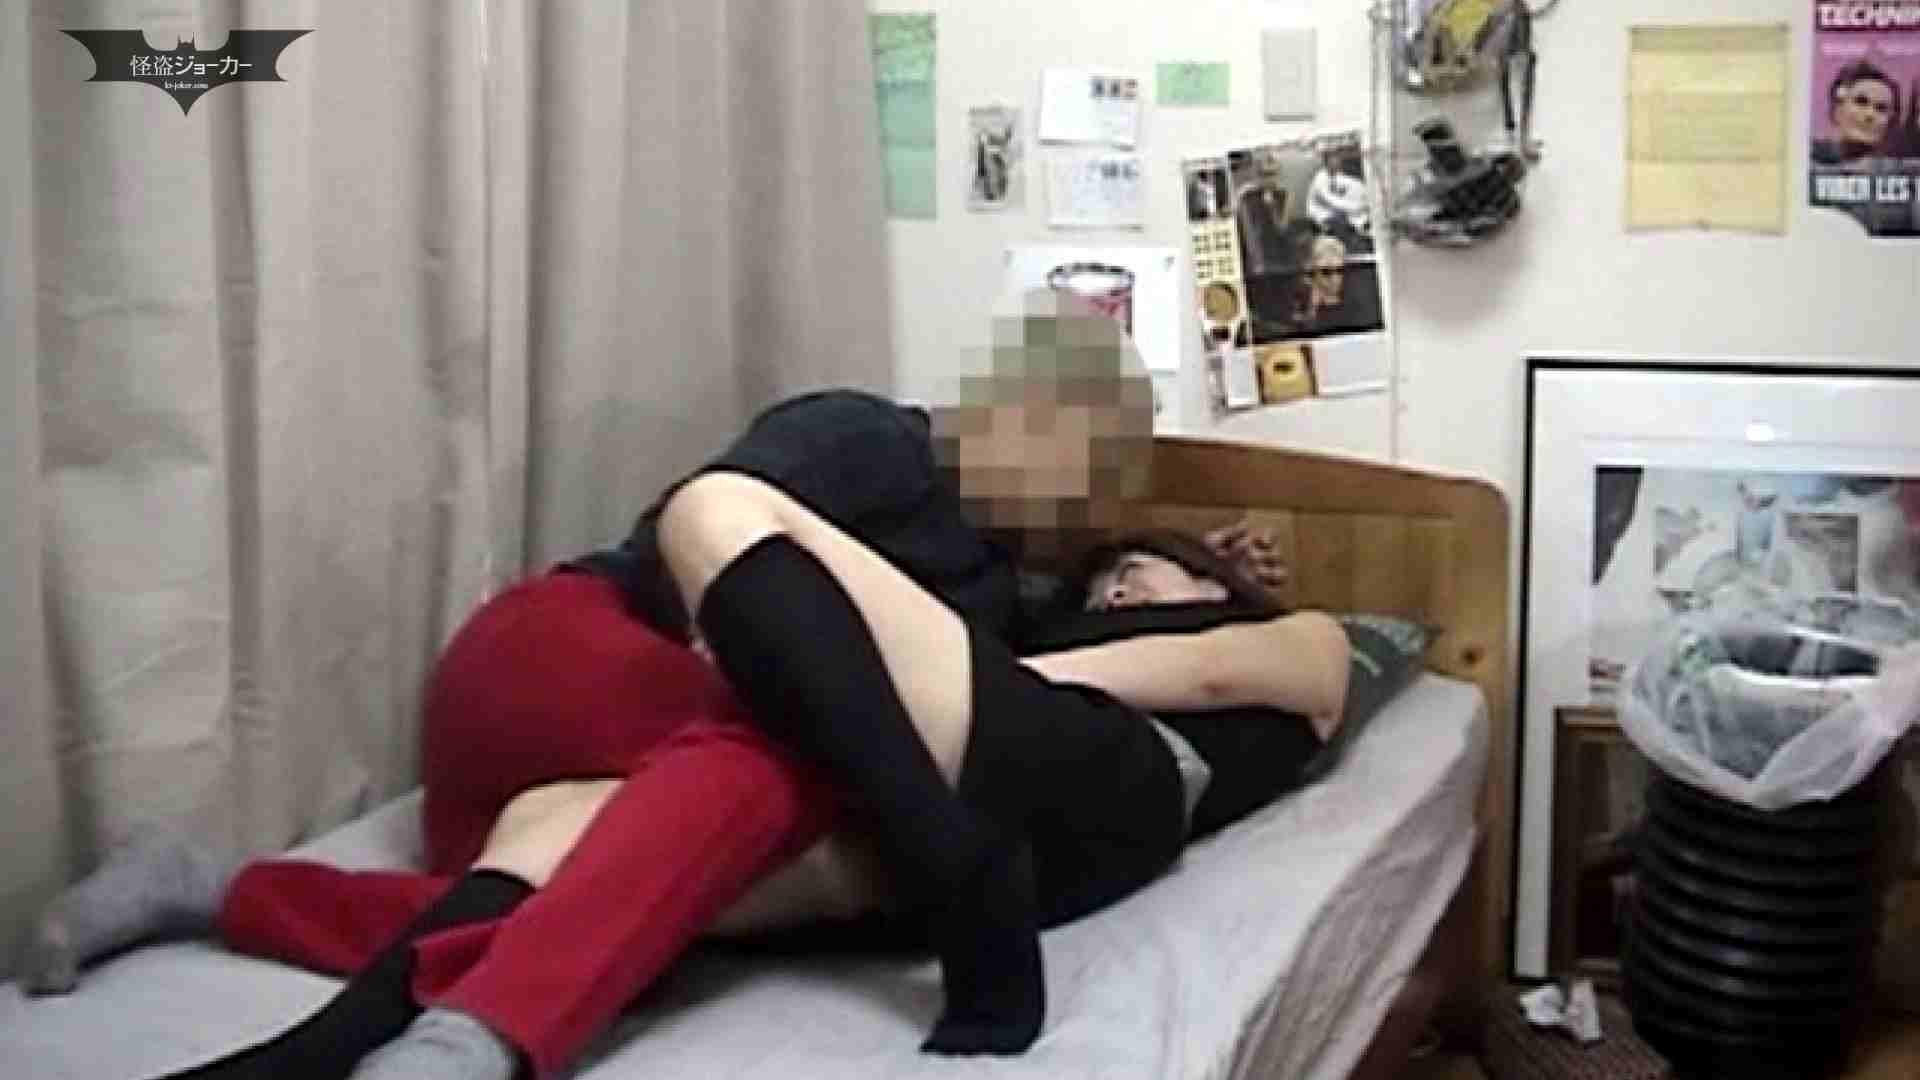 素人女良を部屋に連れ込み隠し撮りSEX!! その⑫ キャンペンガール はるな セックスする女性達 おまんこ動画流出 48画像 8